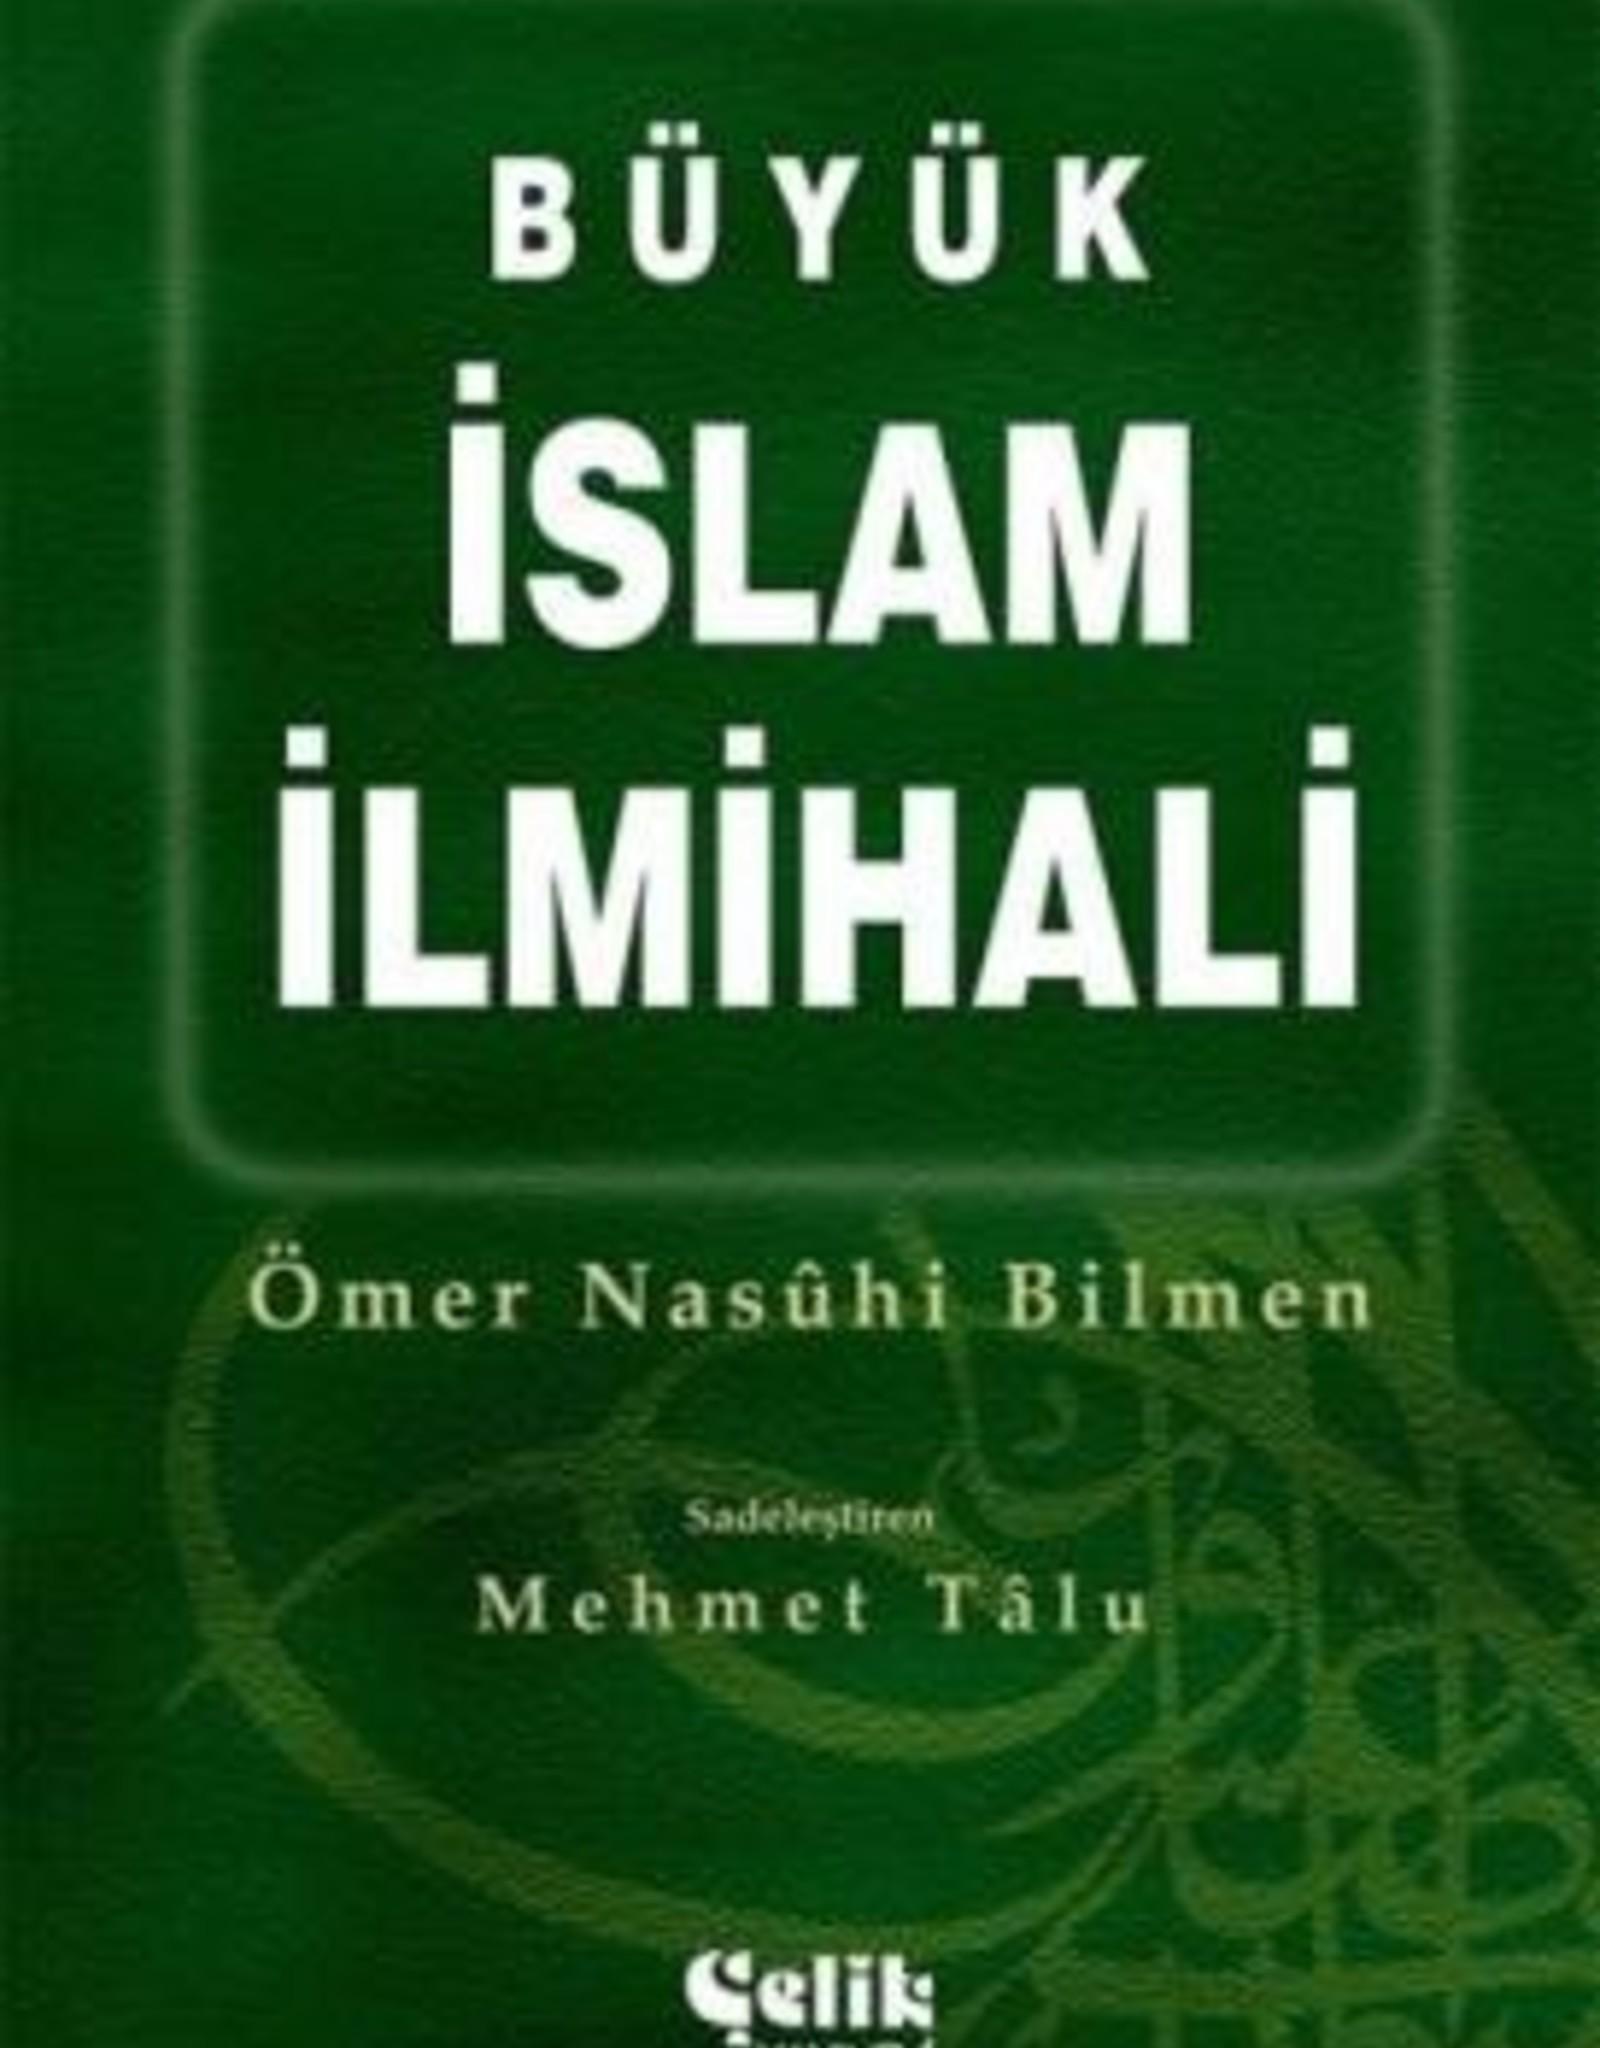 Büyük Islam Ilmihali Ömer Nasuhi Bilmen